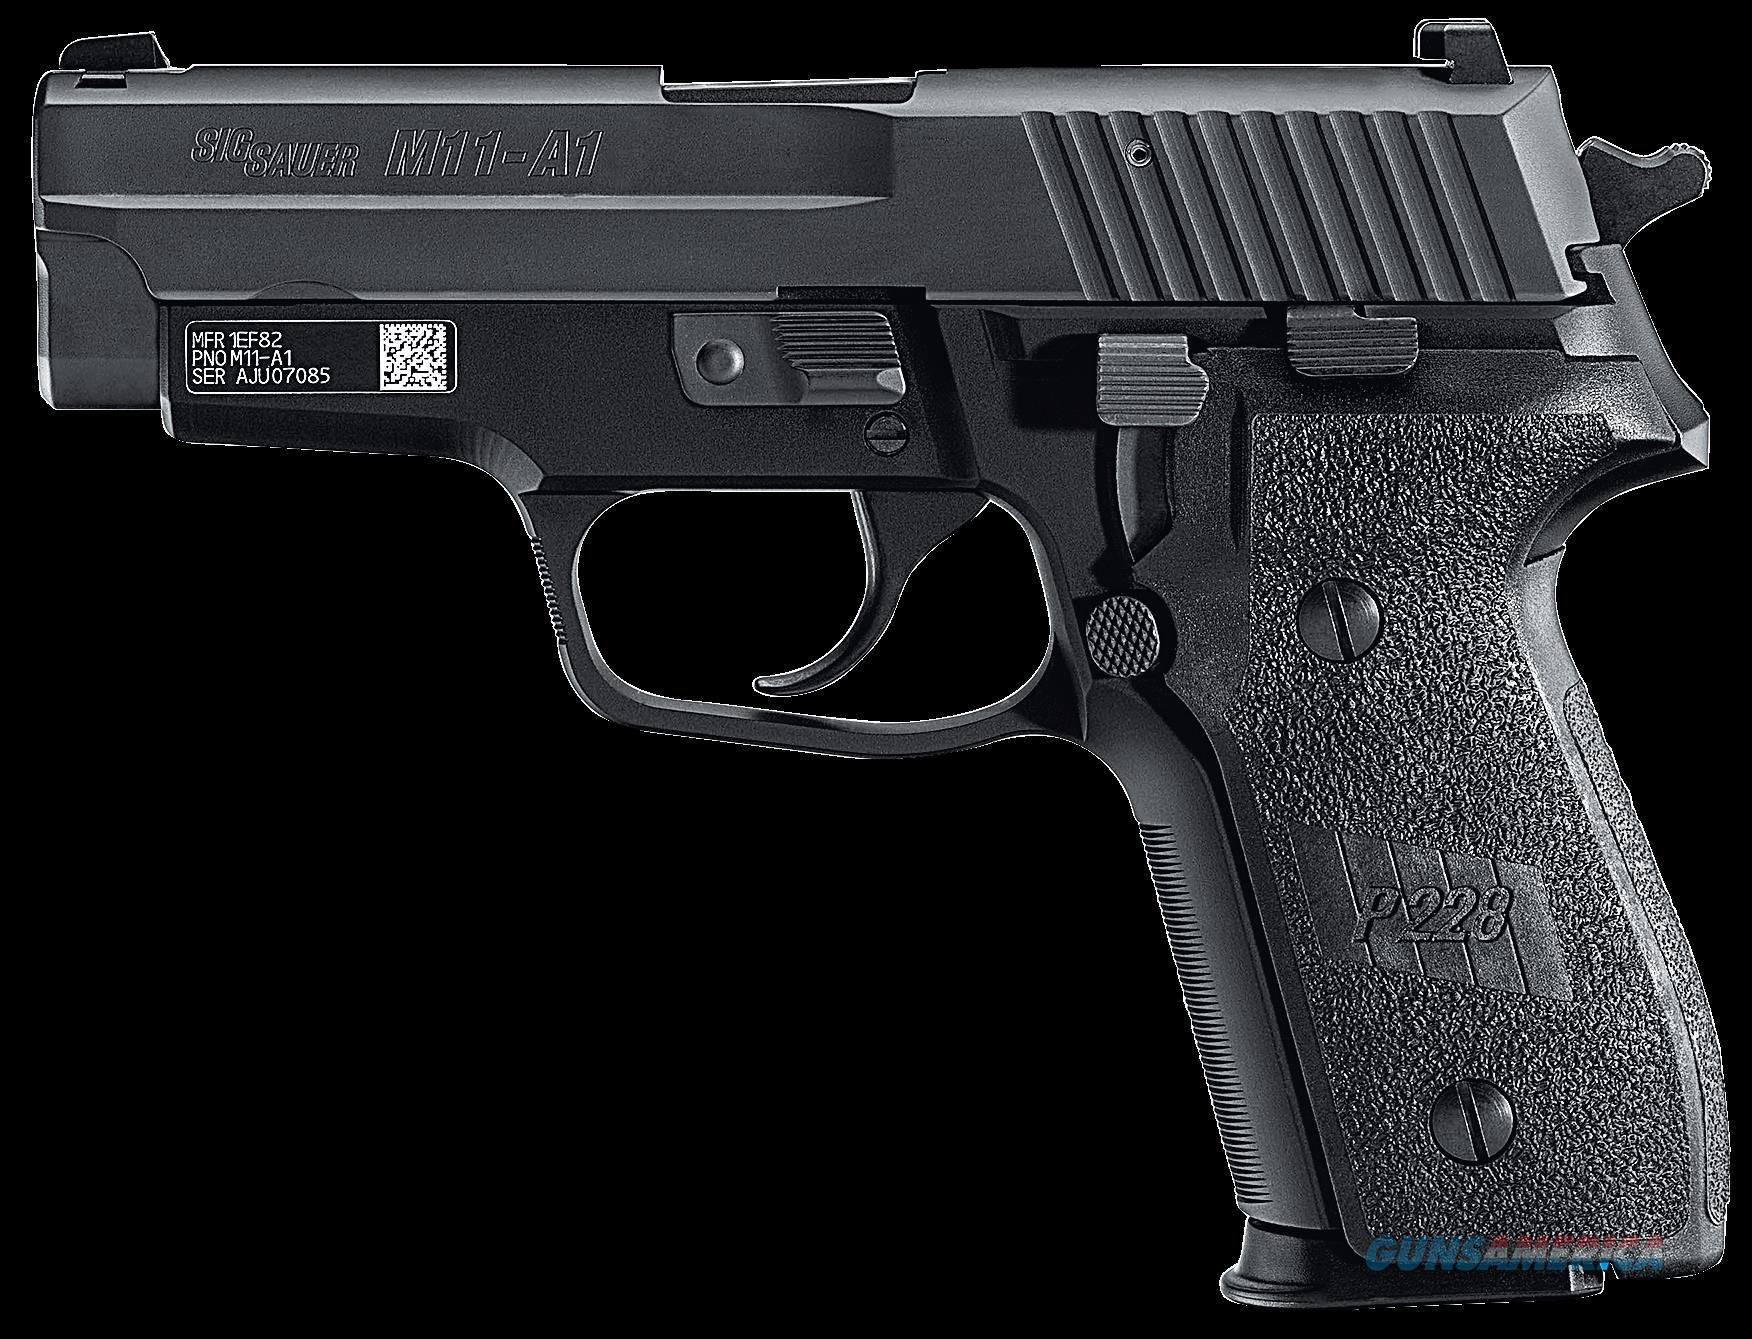 Sig Sauer P229, Sig M11a110          229 9mm 3.9      *ca  Guns > Pistols > 1911 Pistol Copies (non-Colt)